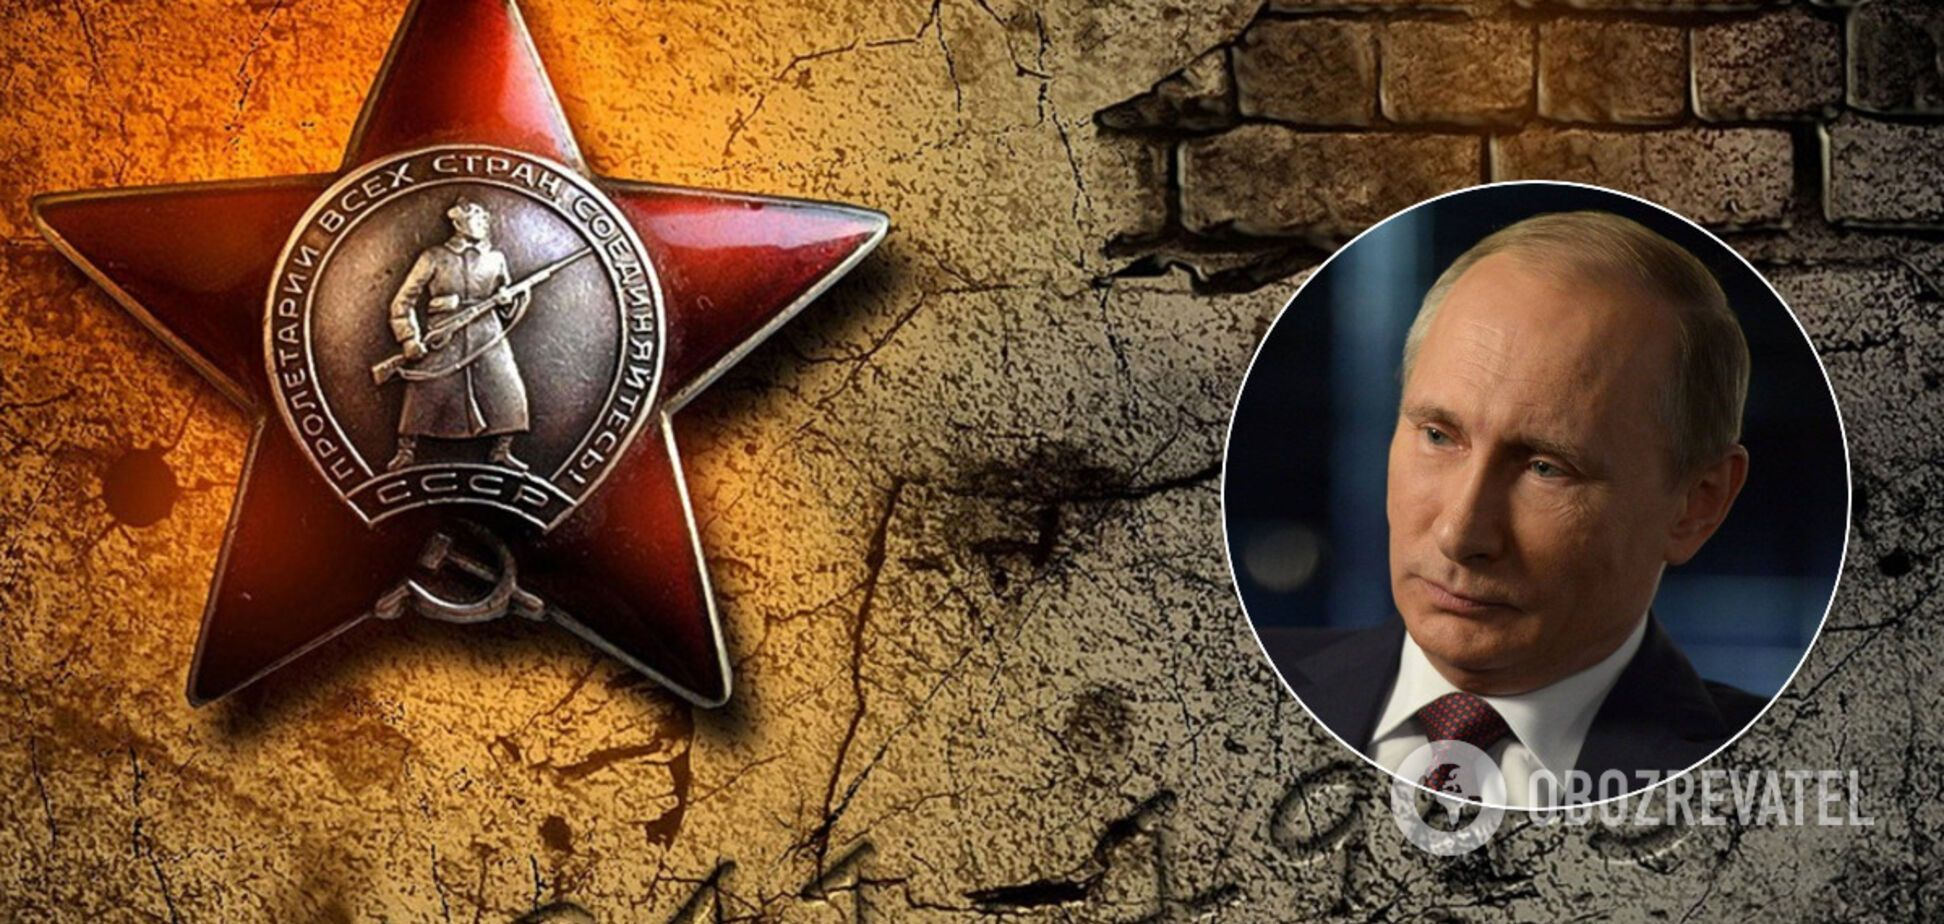 Интервью Путина ТАСС: как он приватизирует Победу